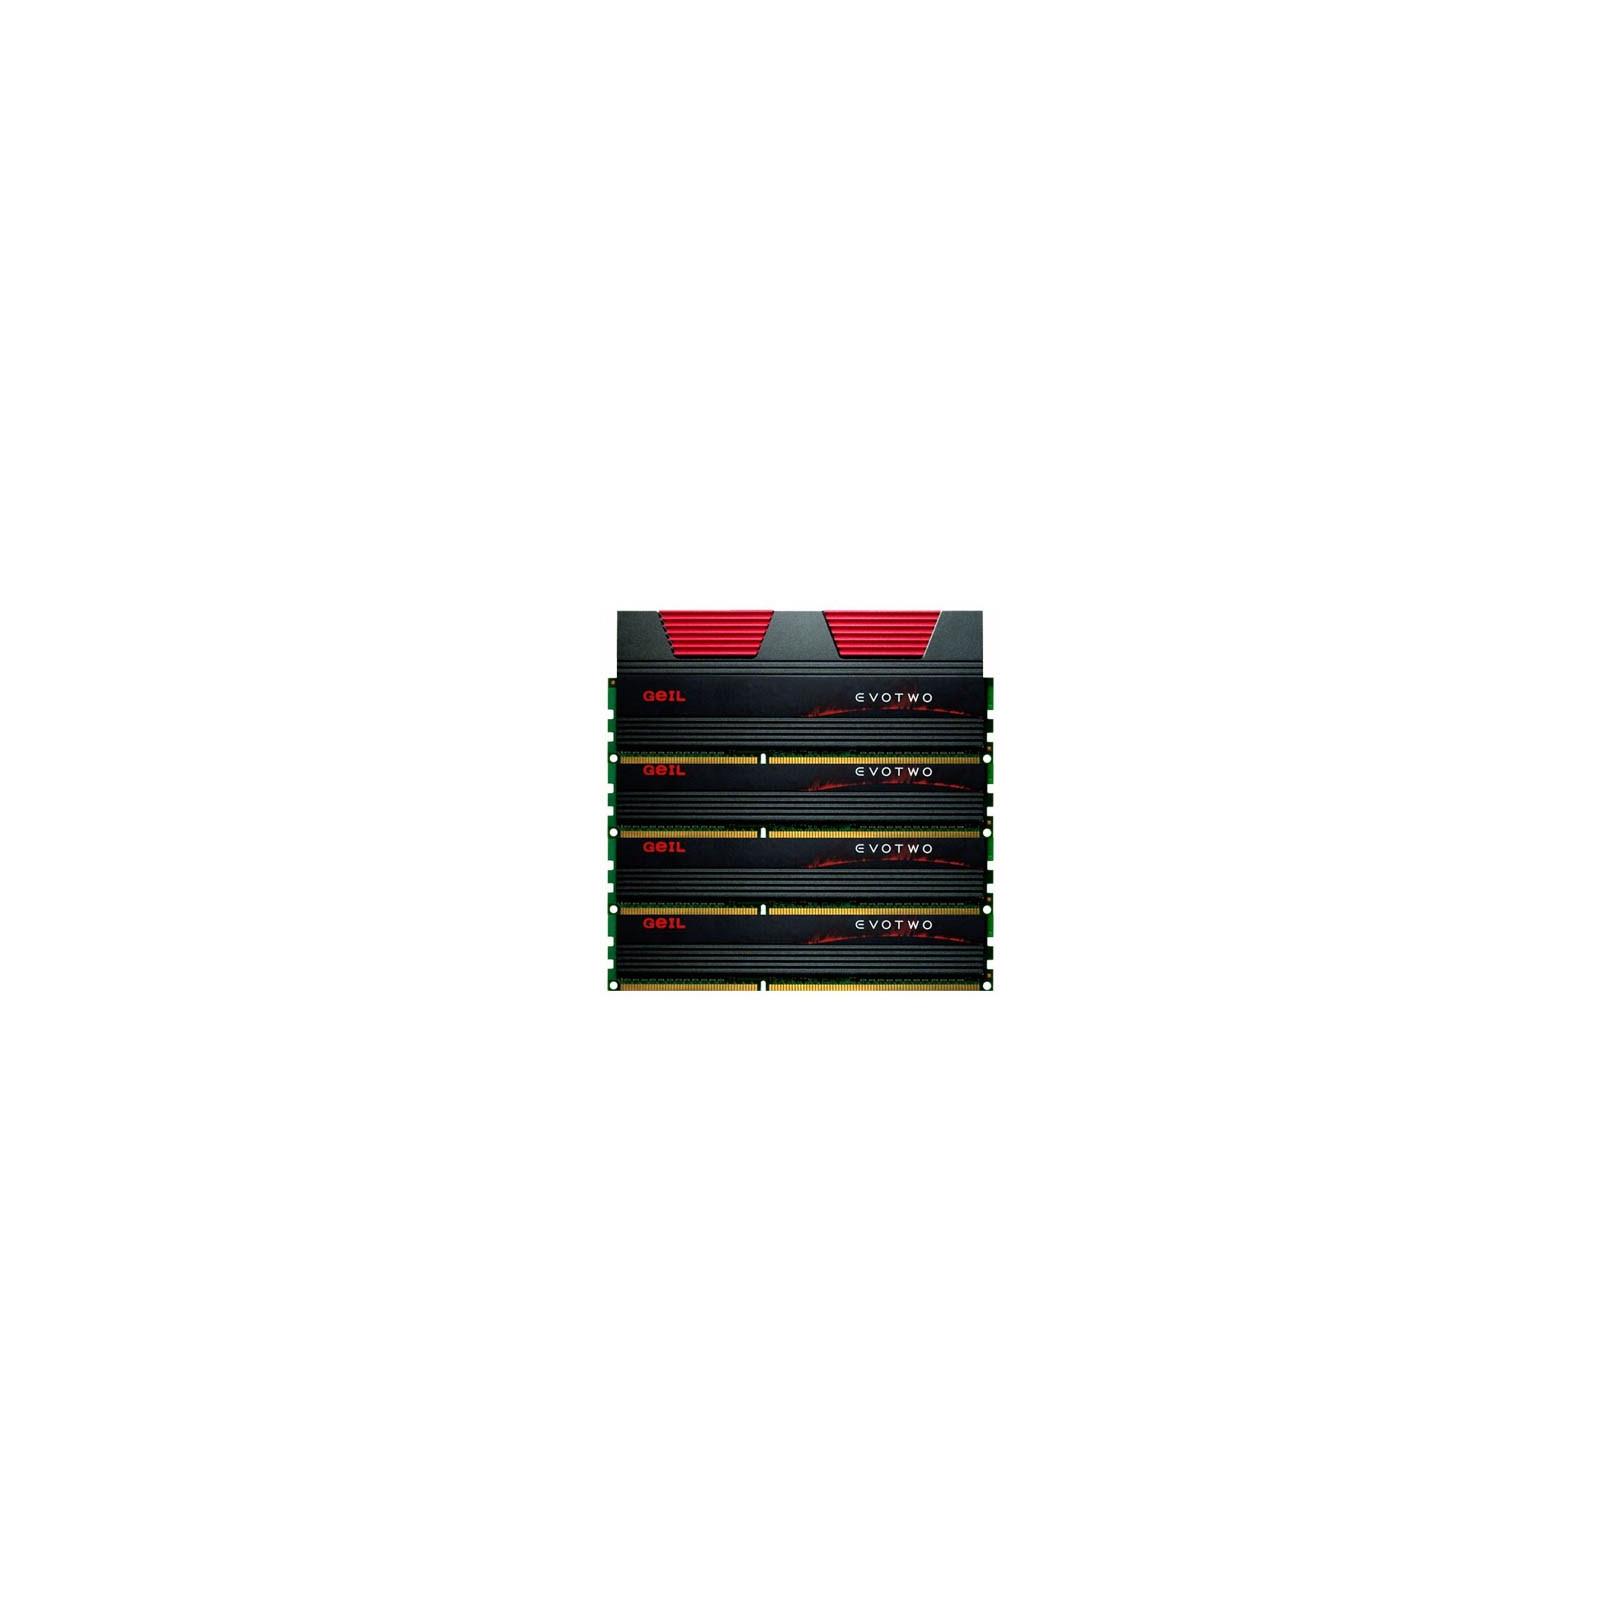 Модуль памяти для компьютера DDR3 16GB (4x4GB) 2133 MHz GEIL (GET316GB2133C10AQC)